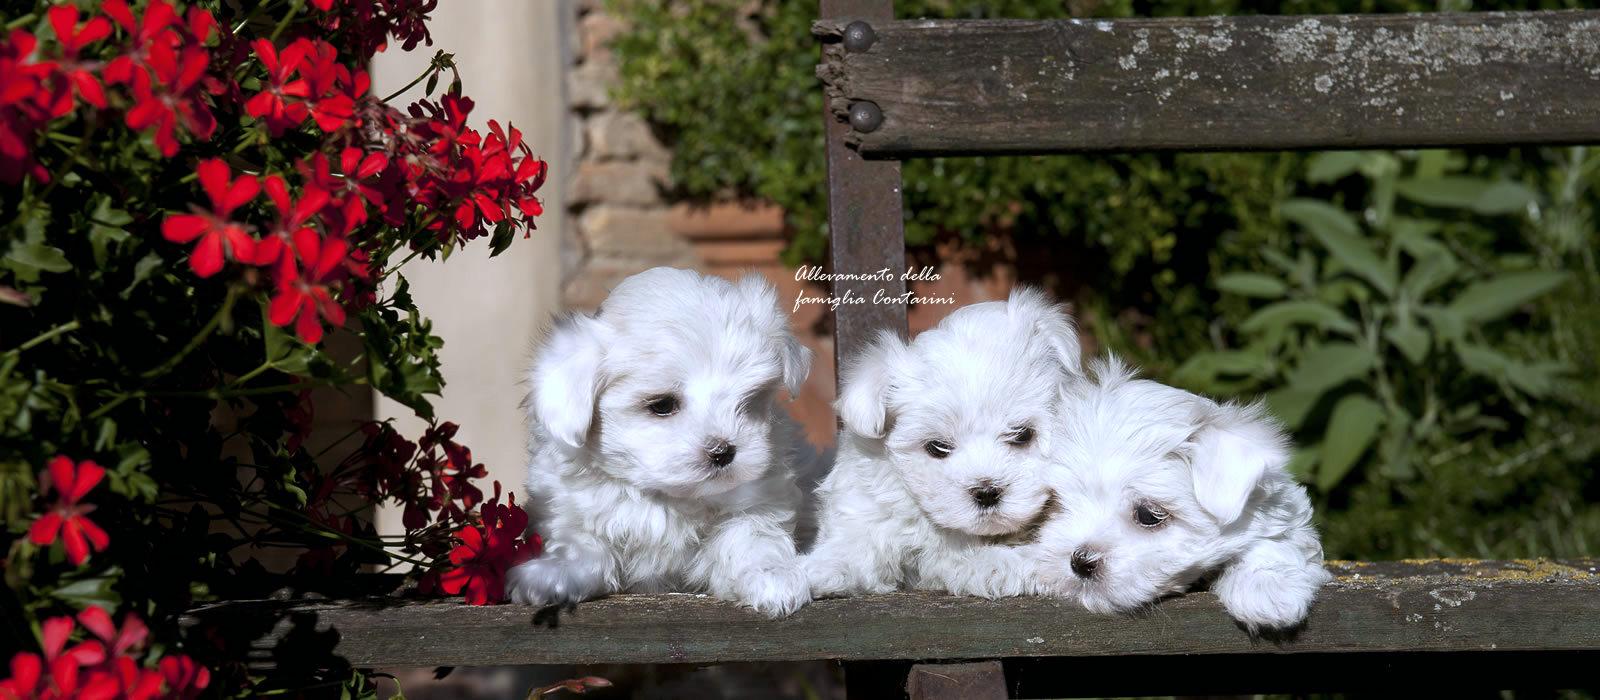 vendita cuccioli di cani toy di razza, cani di tutti i tipi, cuccioli di